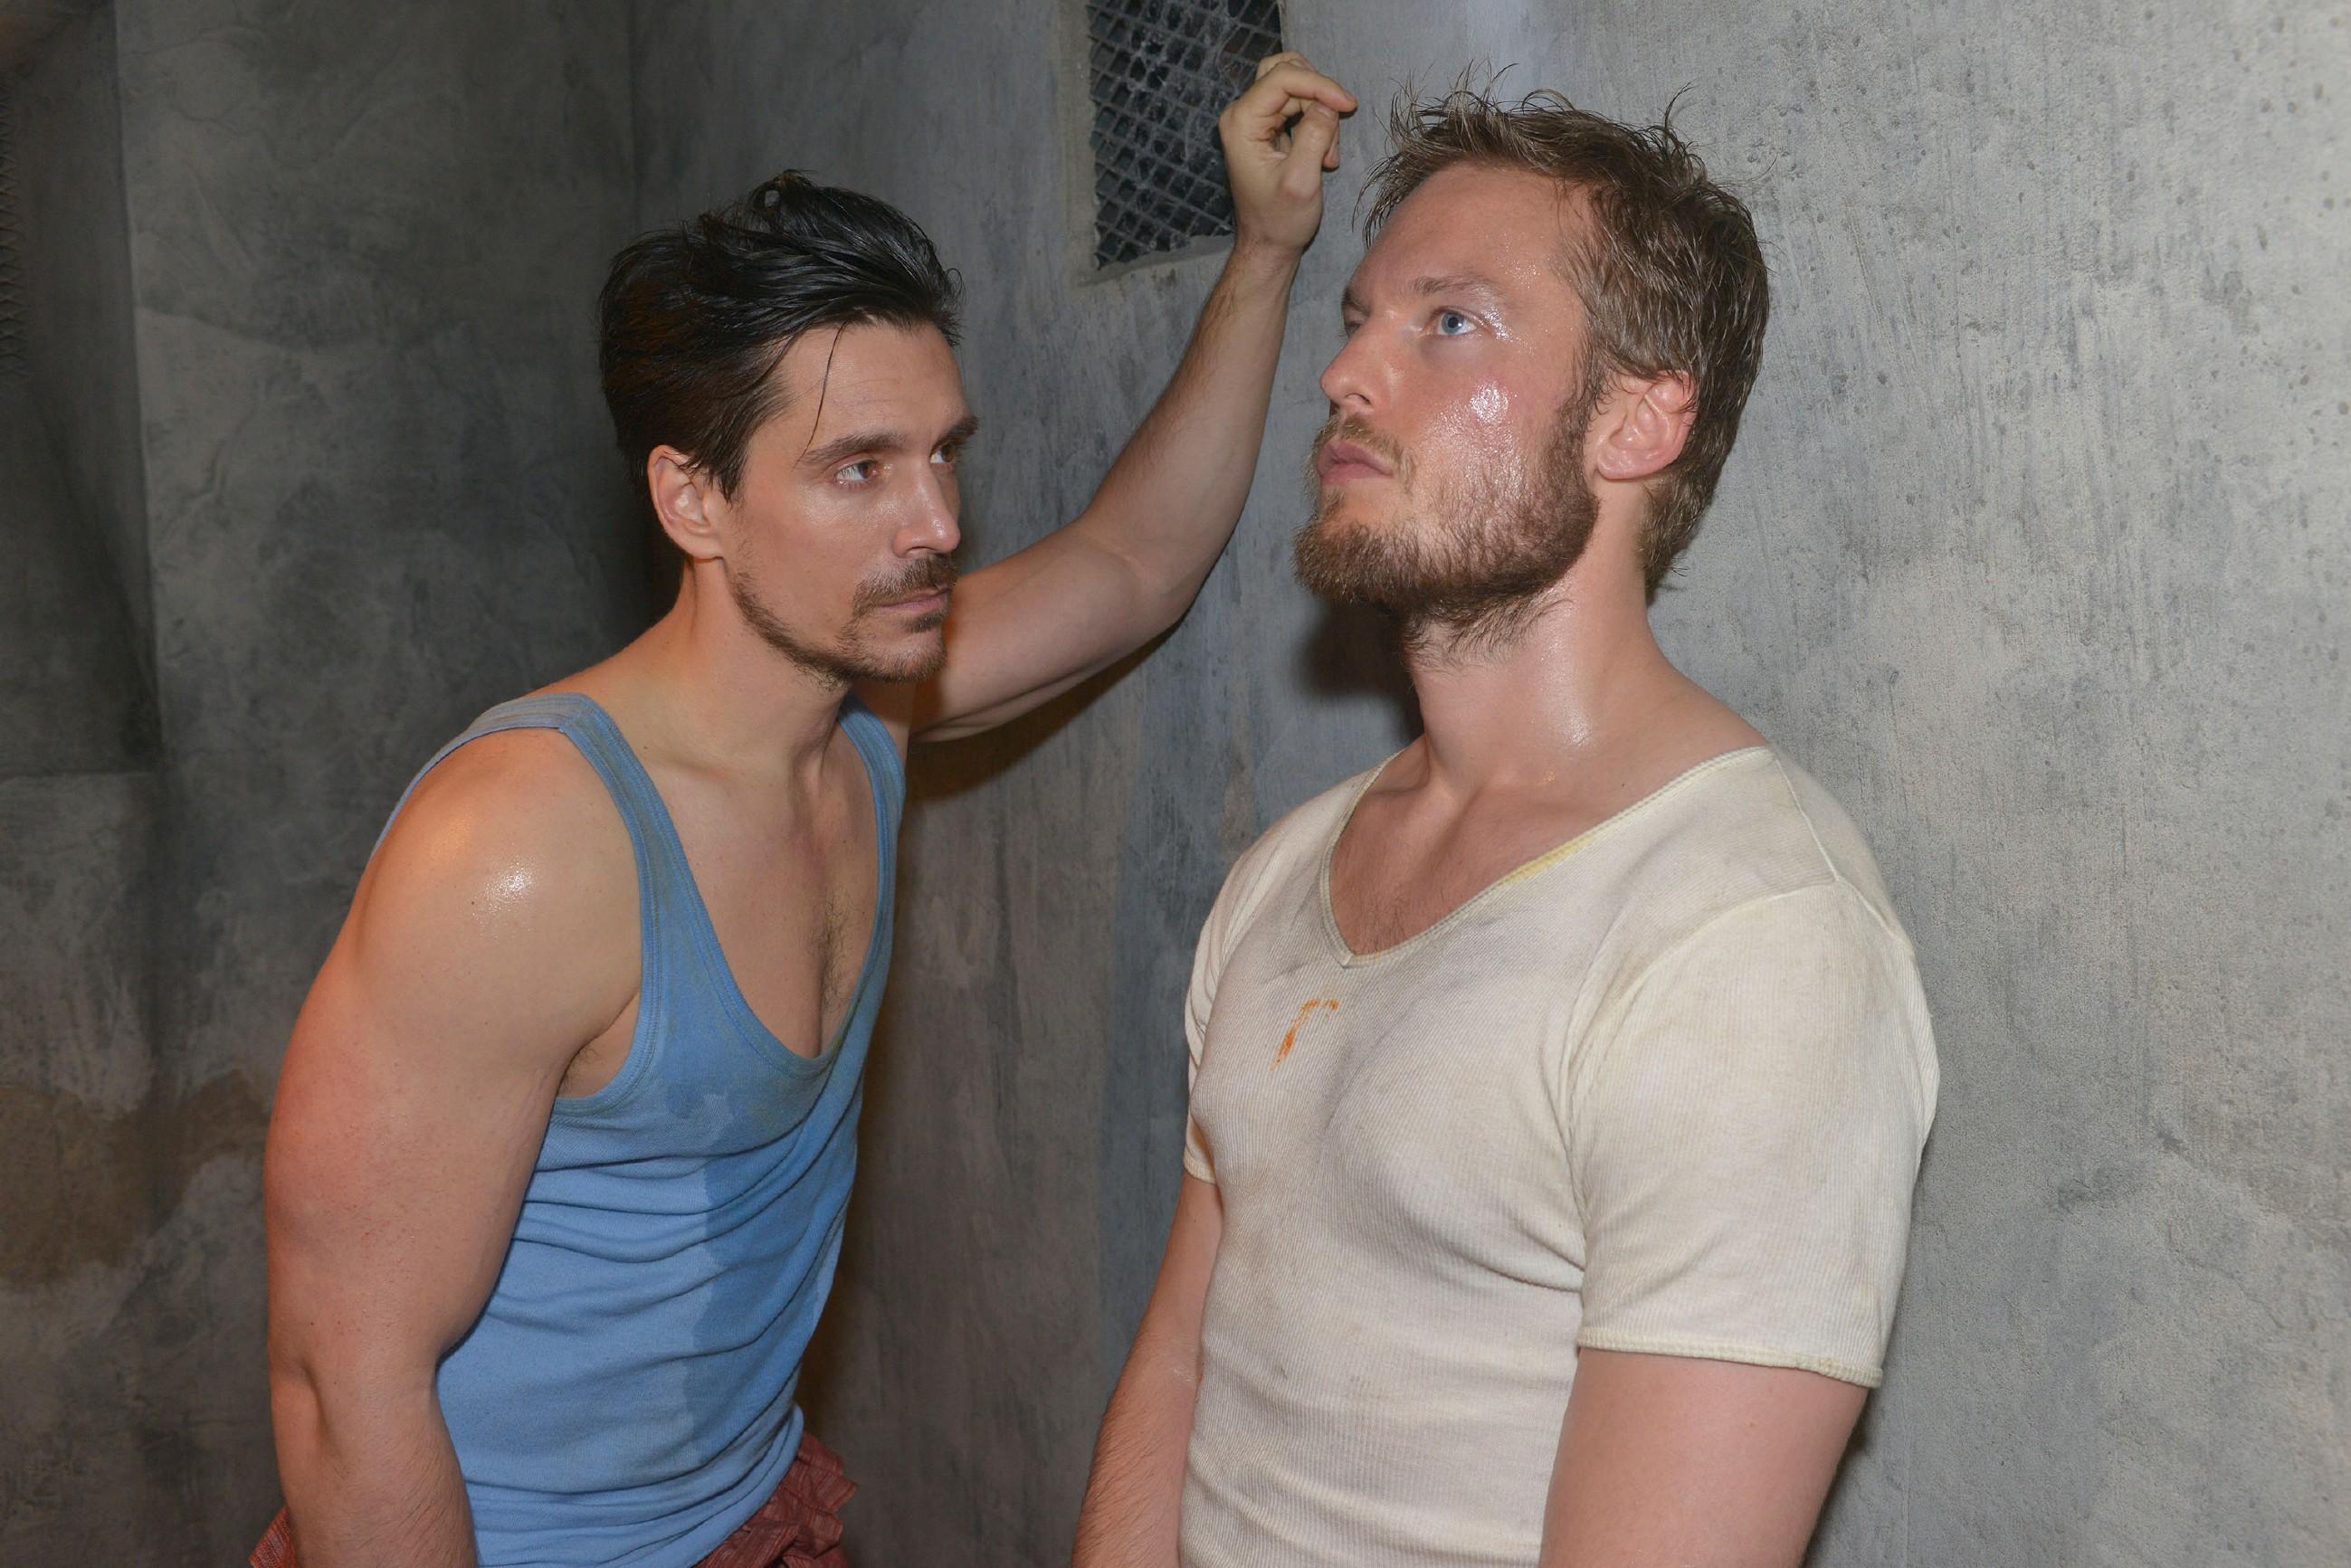 David (Philipp Christopher, l.) versucht im malaysischen Knast an das Handy seines Zellengenossen Tommy Zürner (Marc Bluhm) zu kommen, um Gerner um Hilfe zu bitten.